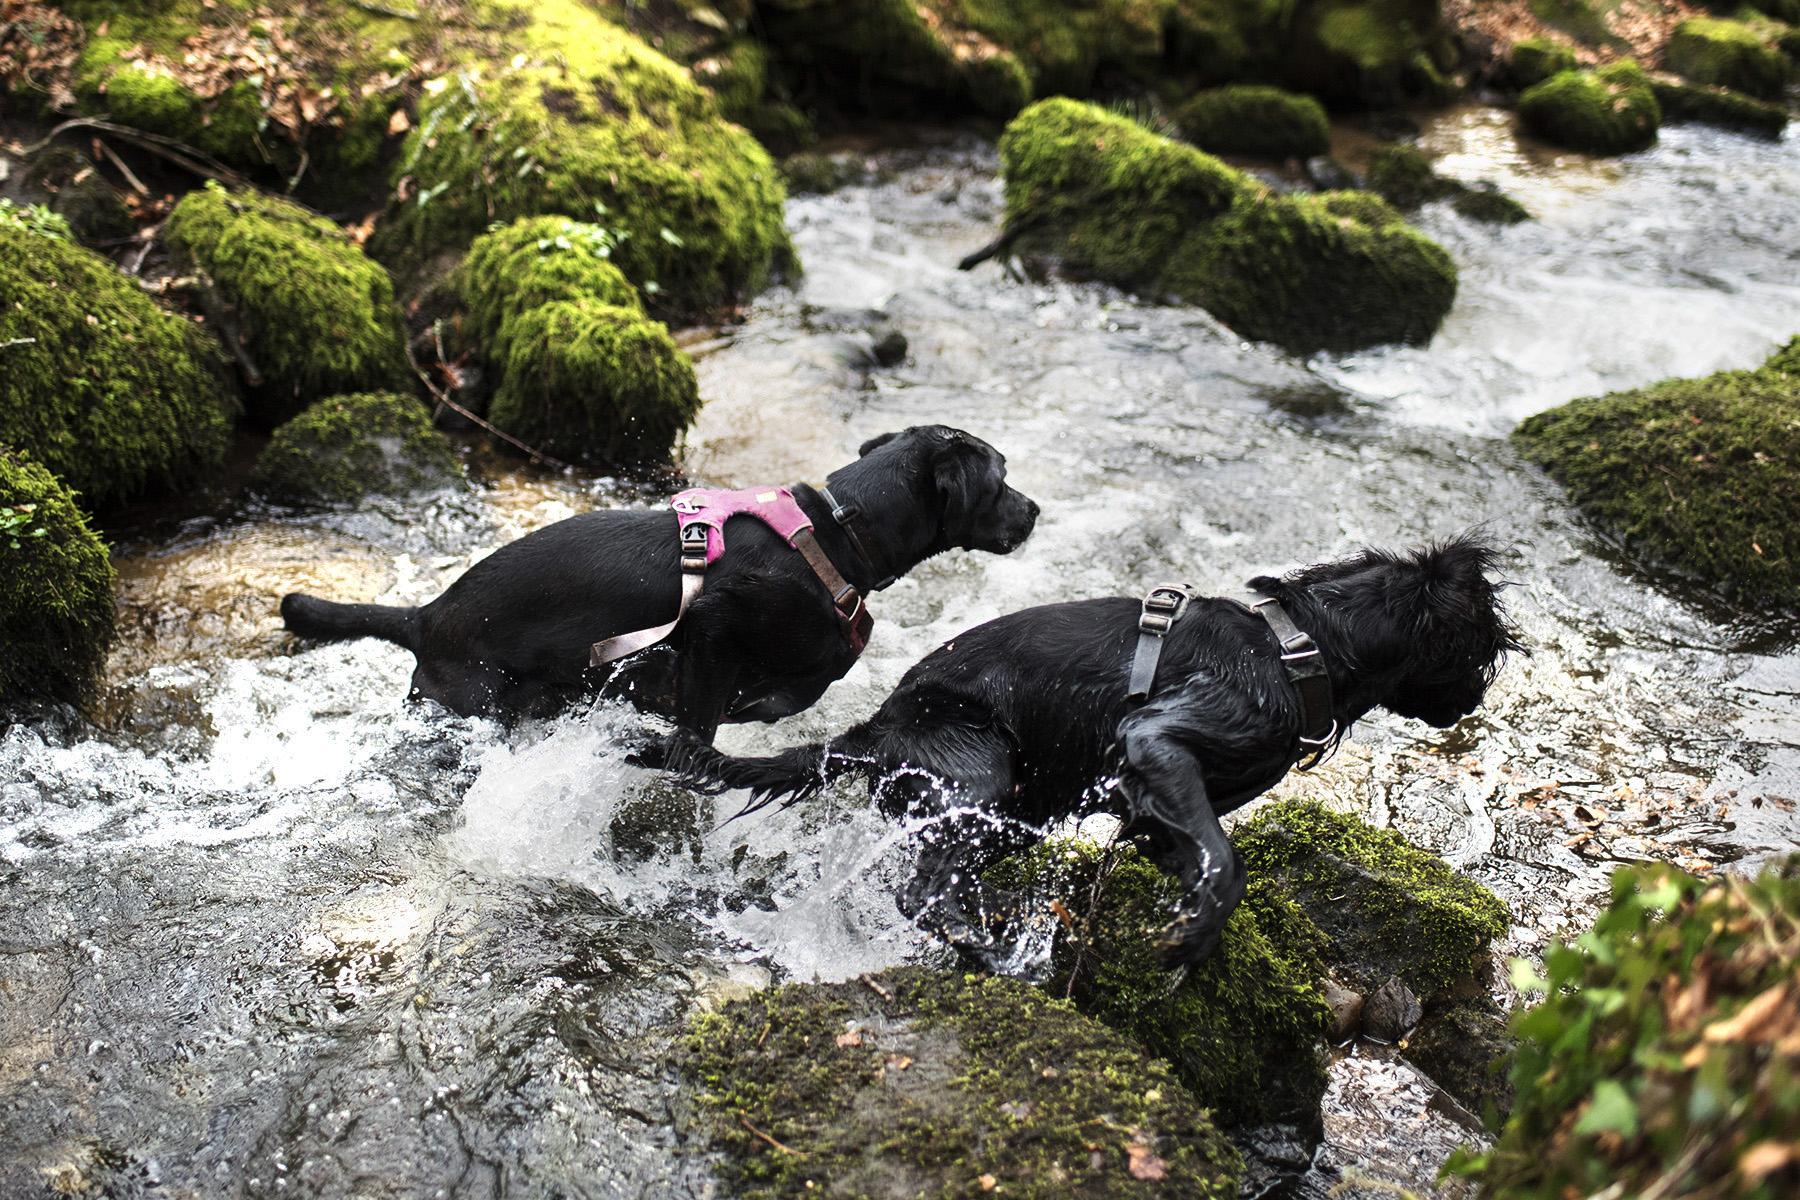 Ruffwear Front Range Harness | The Cornish Dog